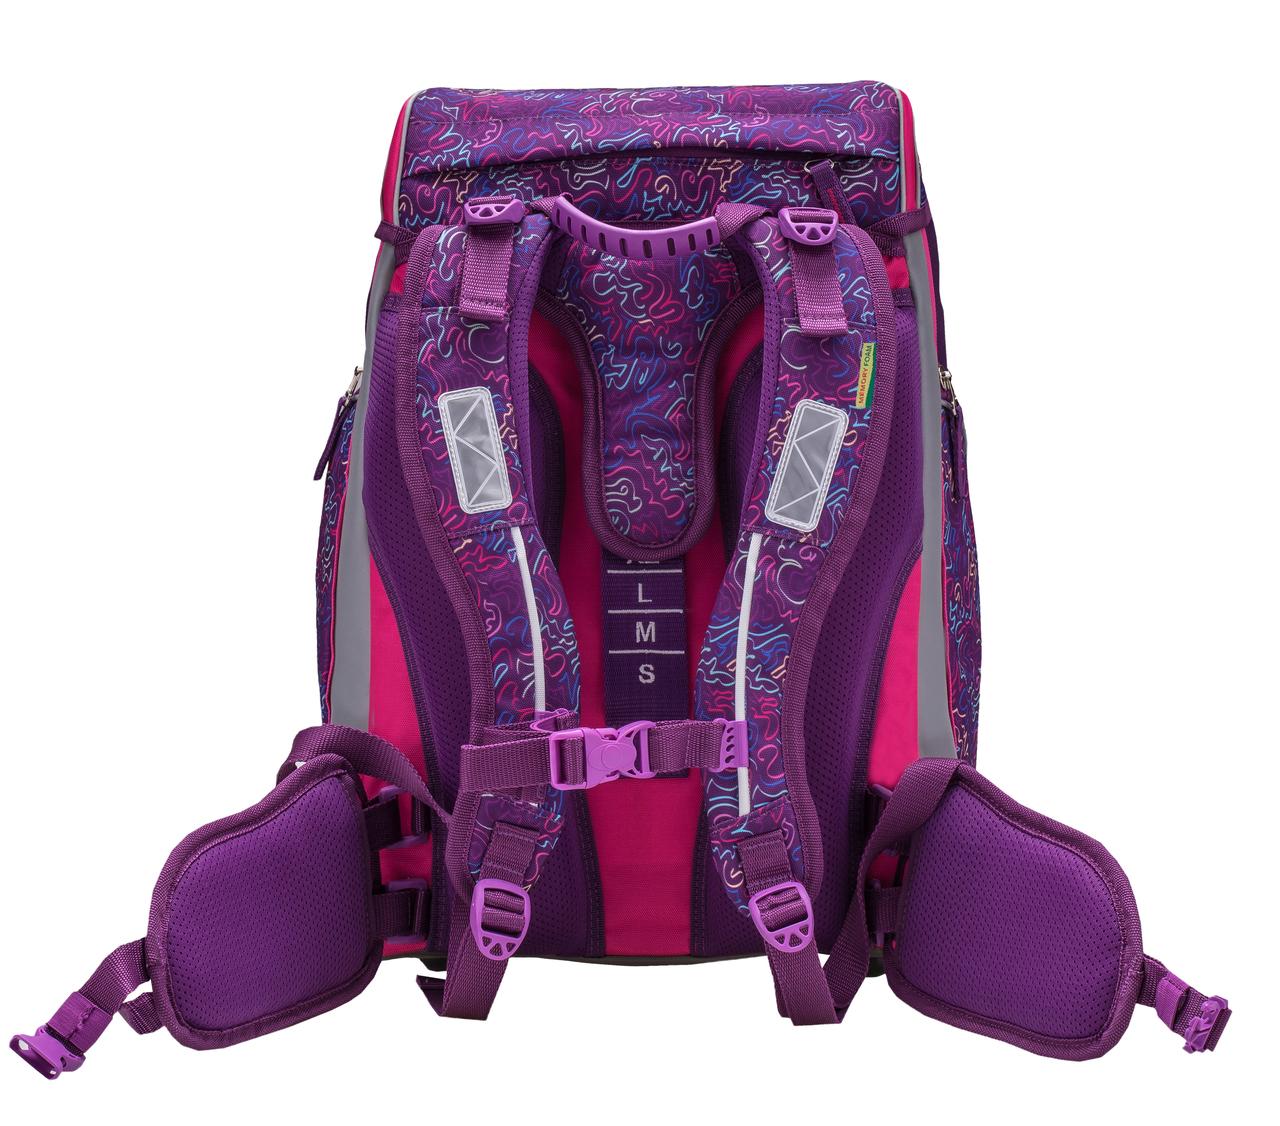 Ранец-рюкзак Belmil Comfy Pack 405-11/683 цвет Pink & Purple Harmony+ дождевик, - фото 6